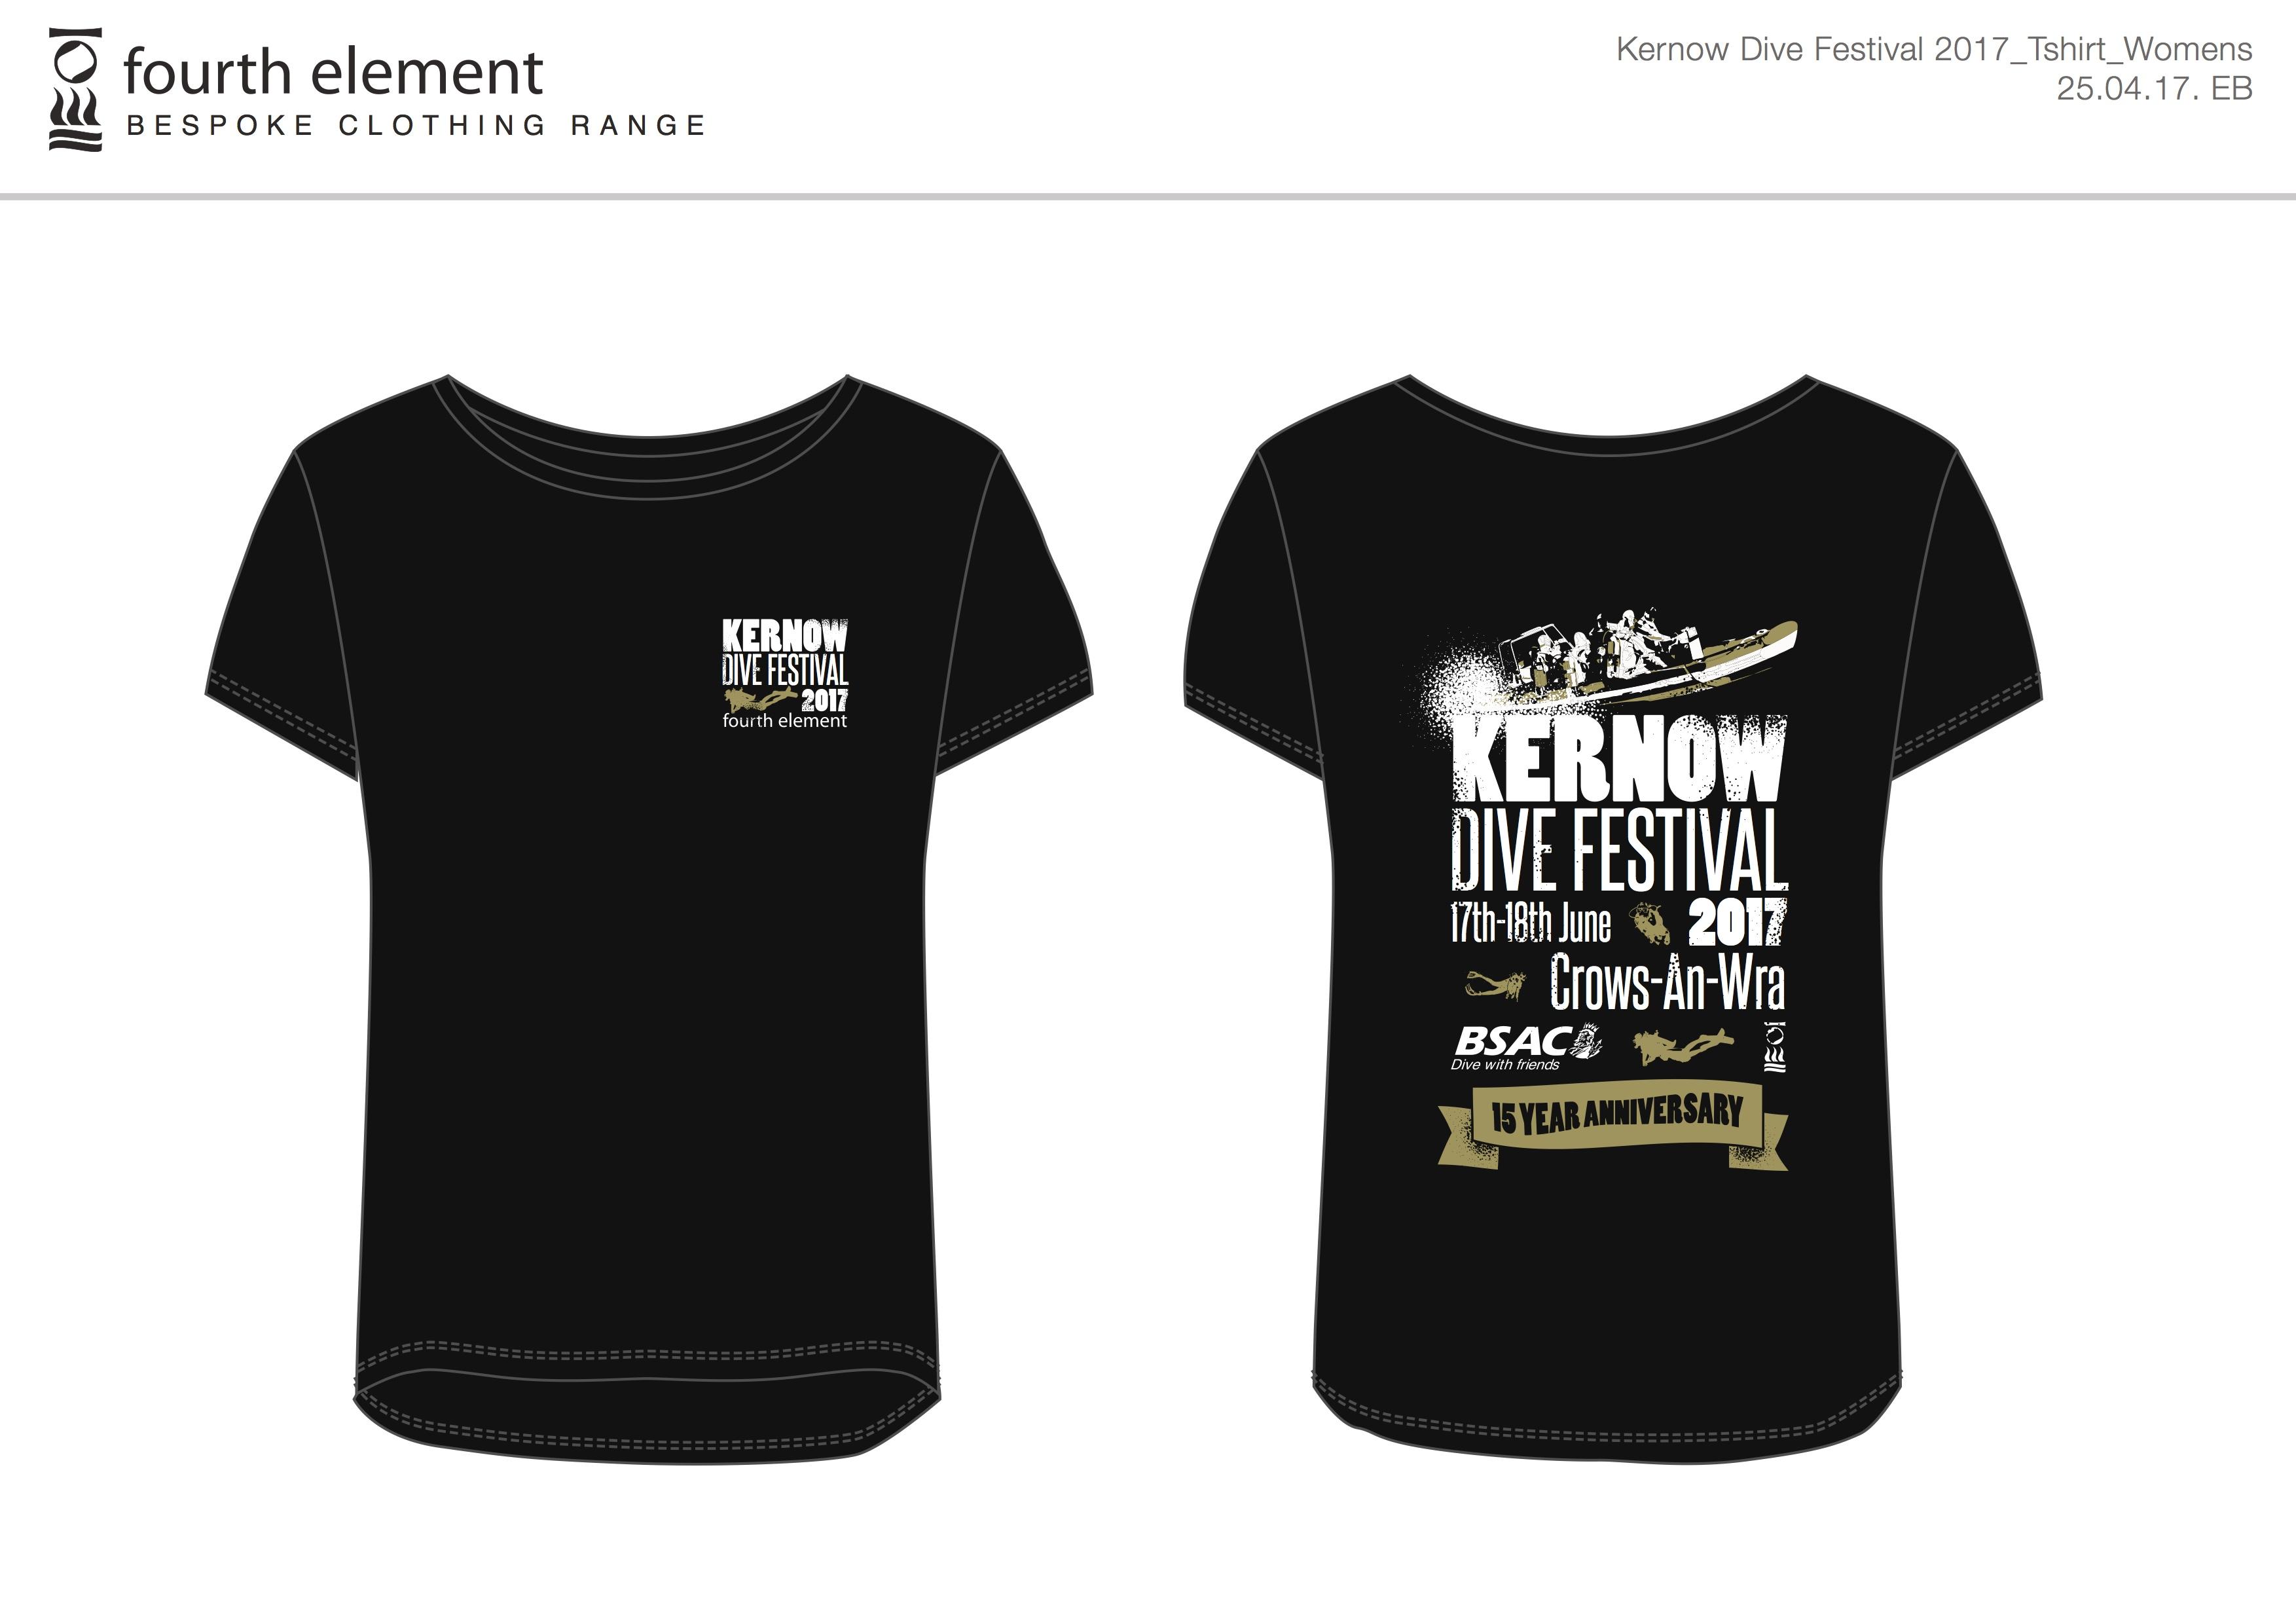 Design t shirt 2017 - Kernow Dive Festival 2017 T Shirts